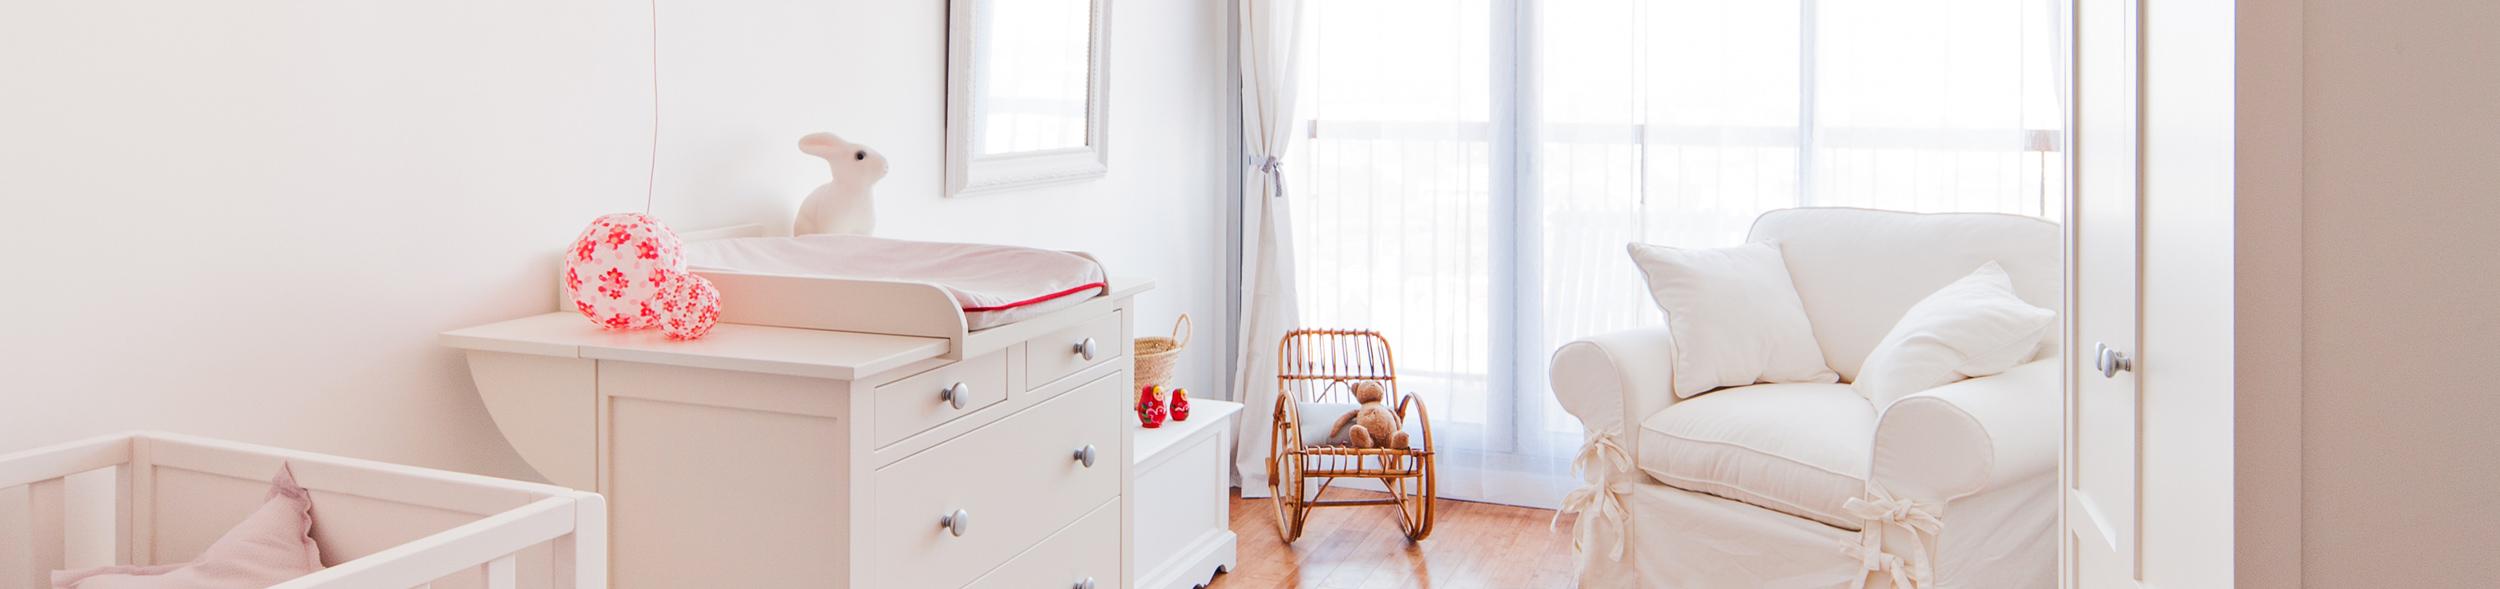 Chambre de bébé   marion alberge   décoratrice d'intérieur